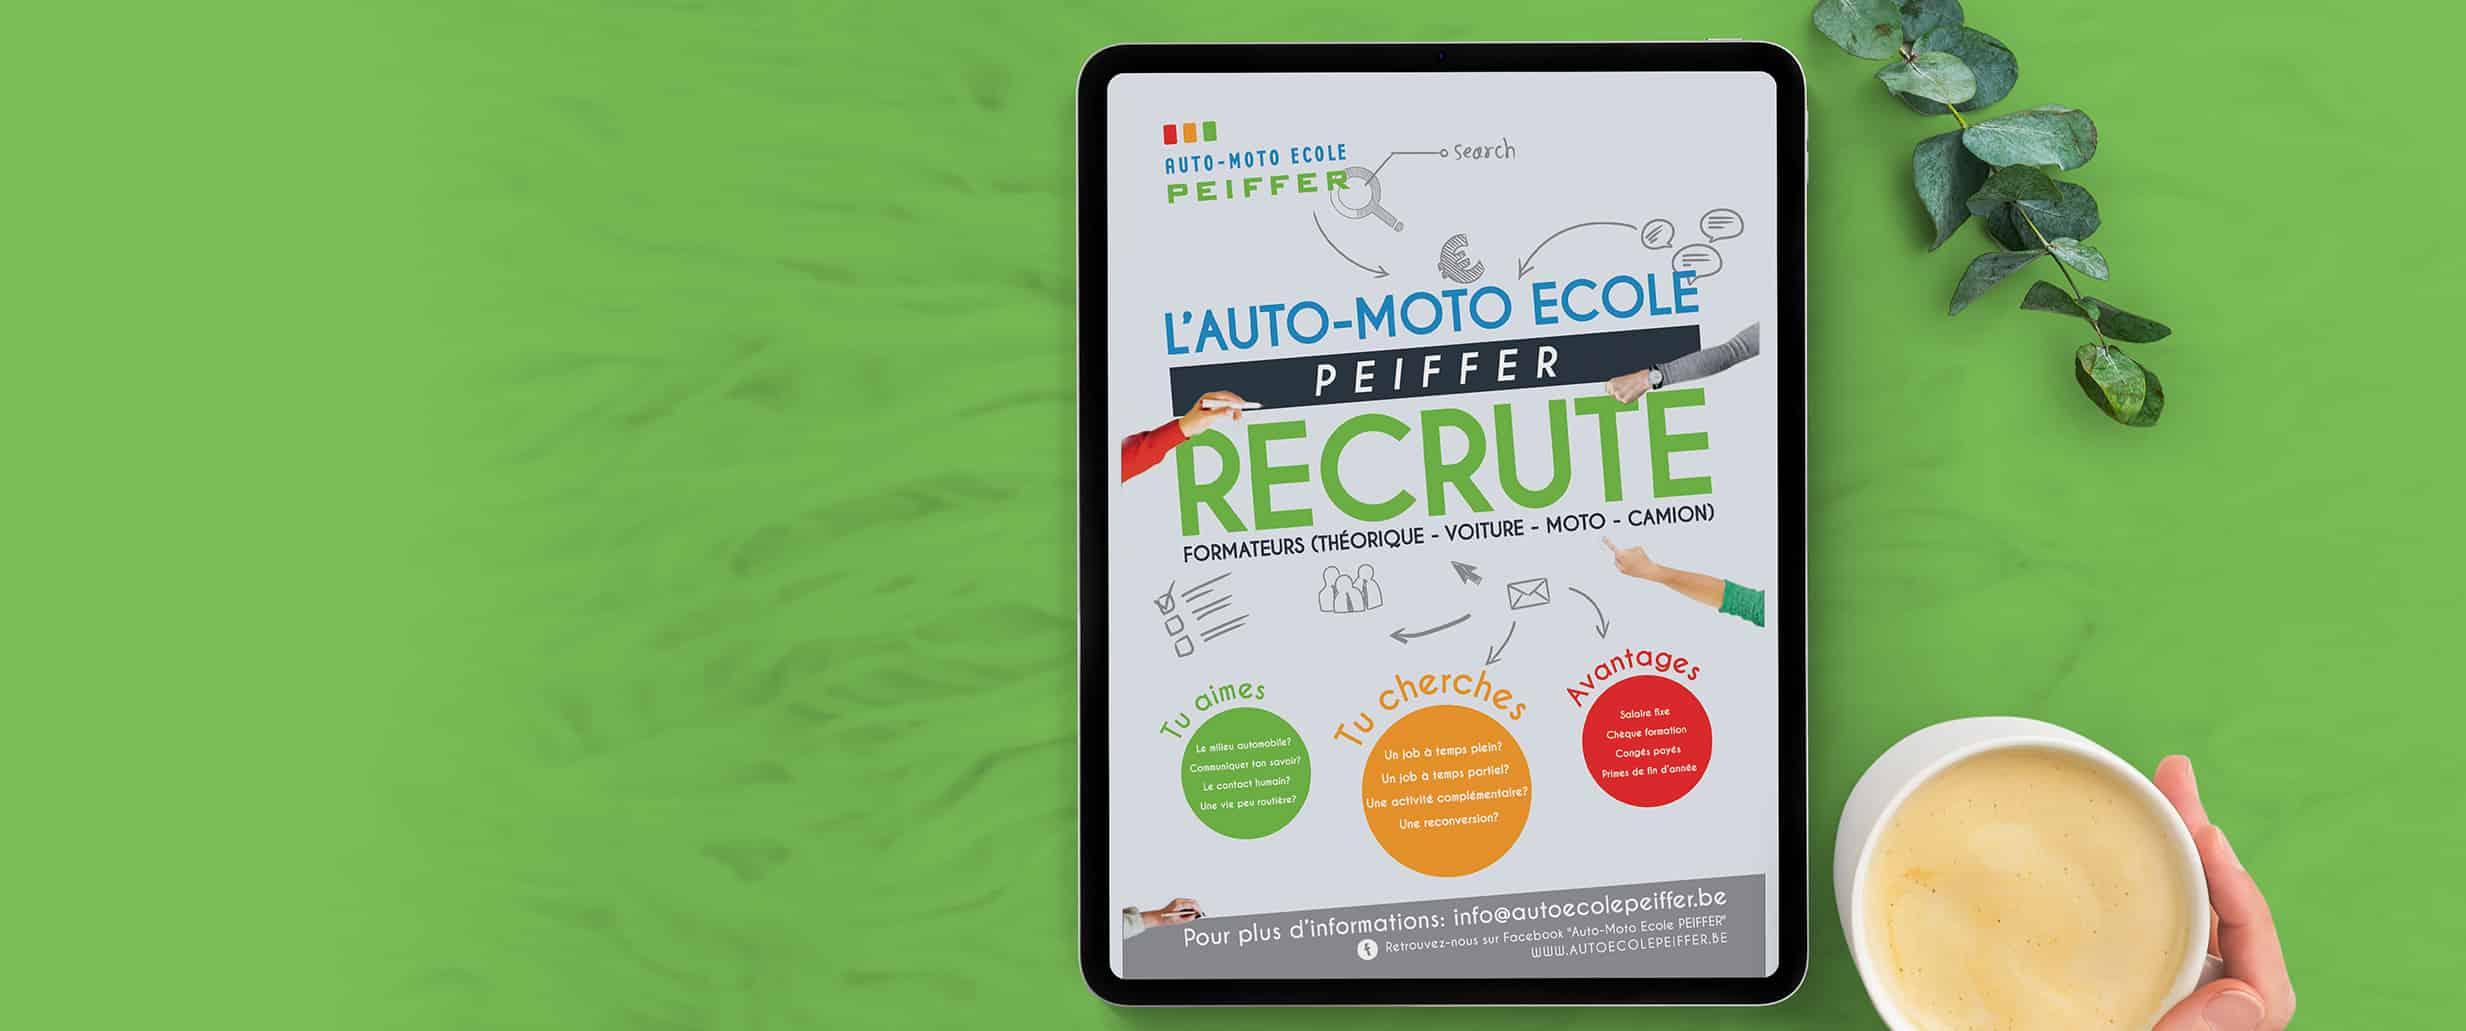 Auto Moto Ecole Peiffer Recrute